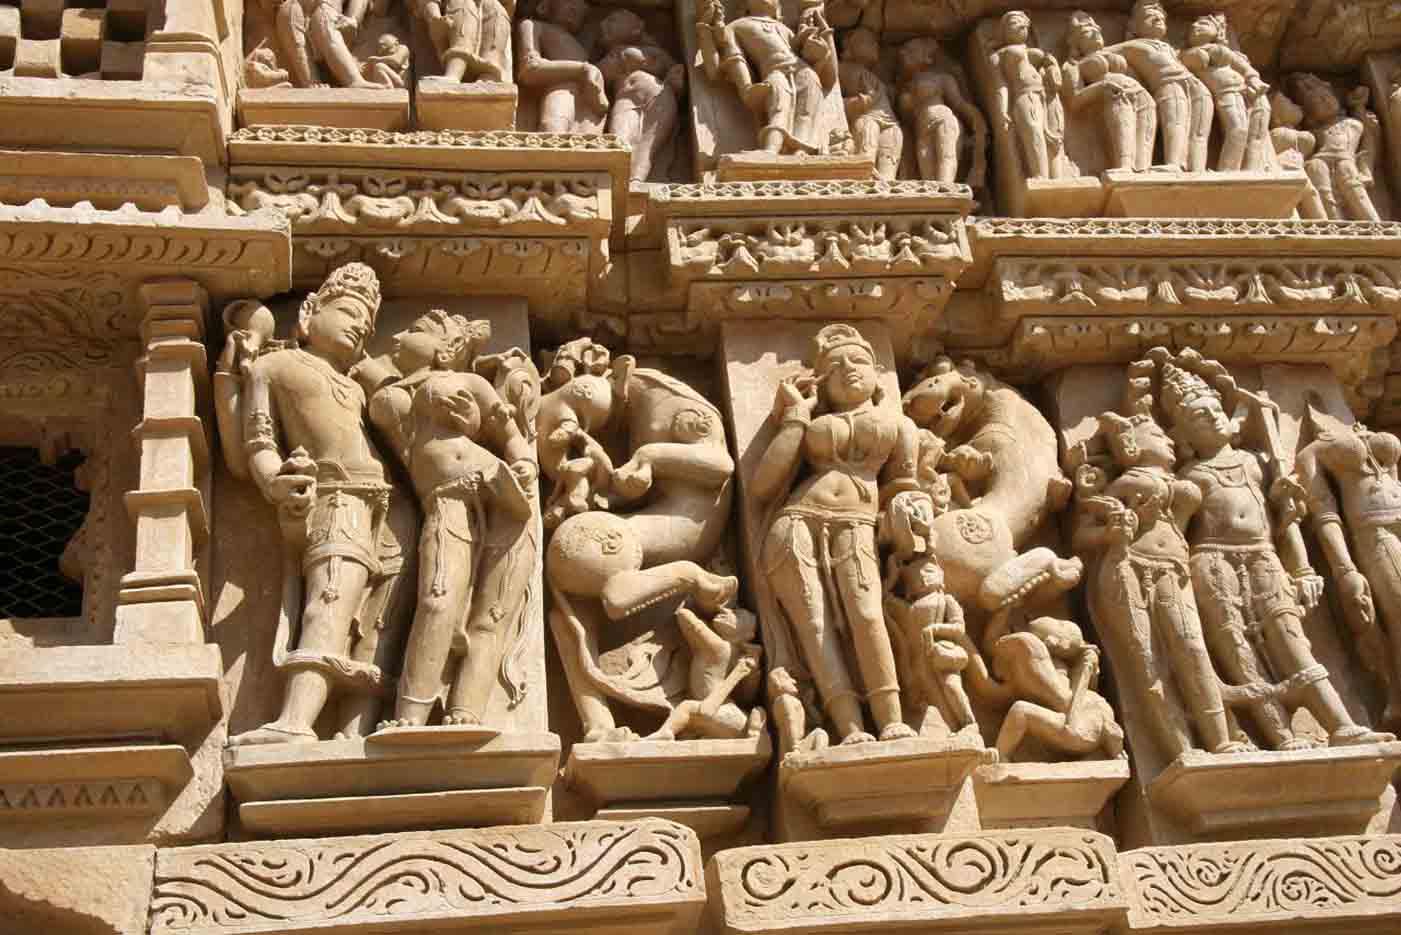 Храмы Кхаджурахо, Khajuraho Temples - 33